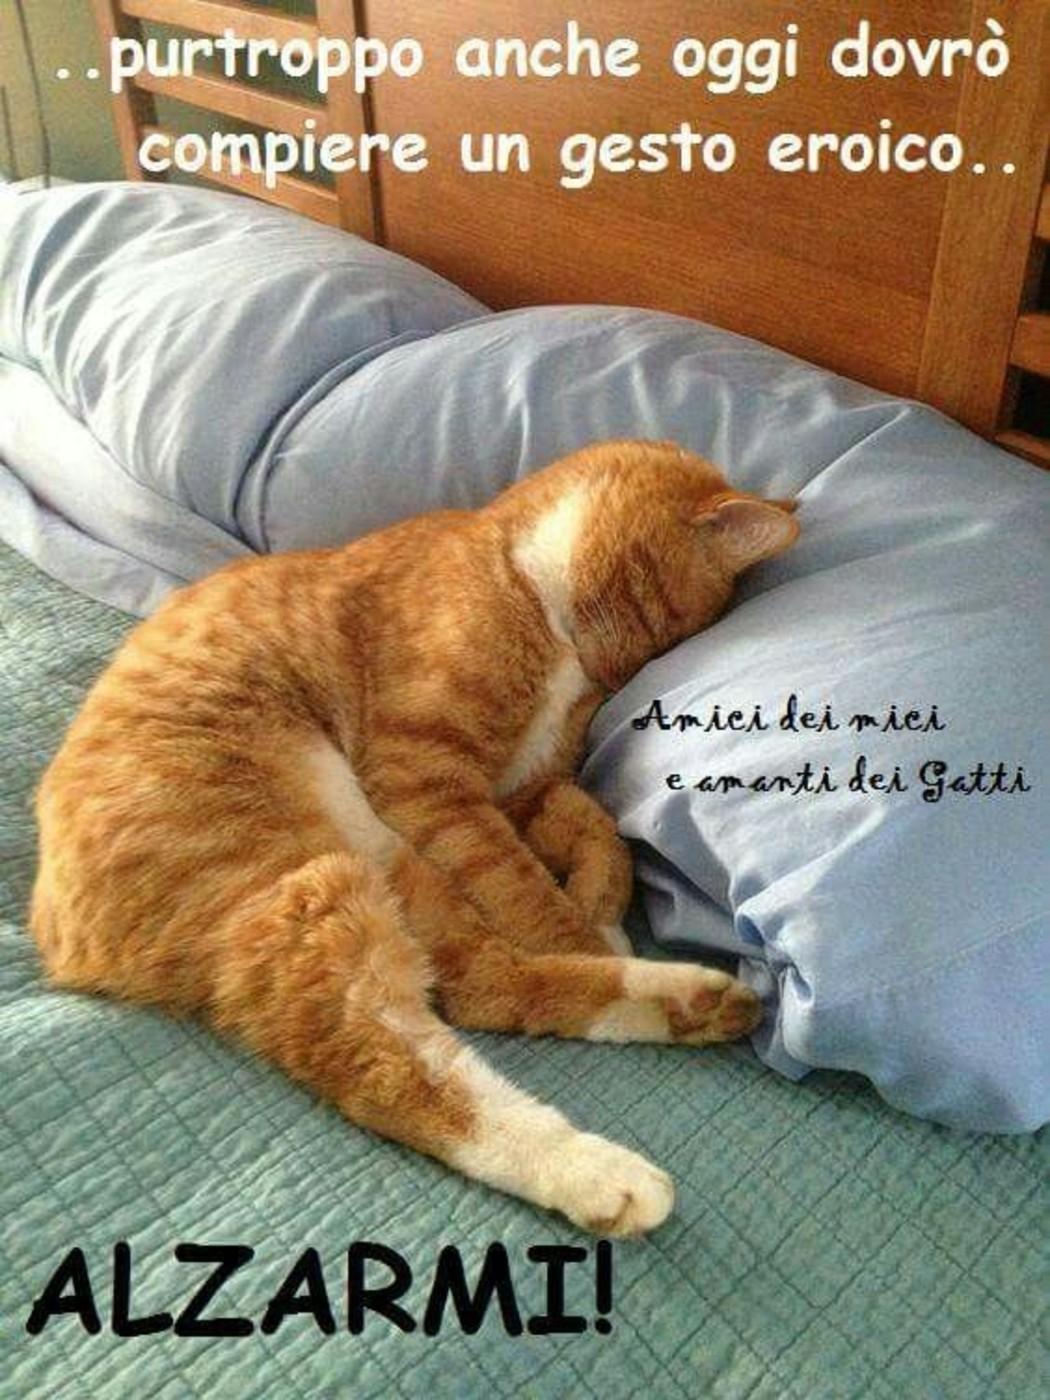 Belle immagini buongiorno con frasi 5 for Buongiorno con gattini